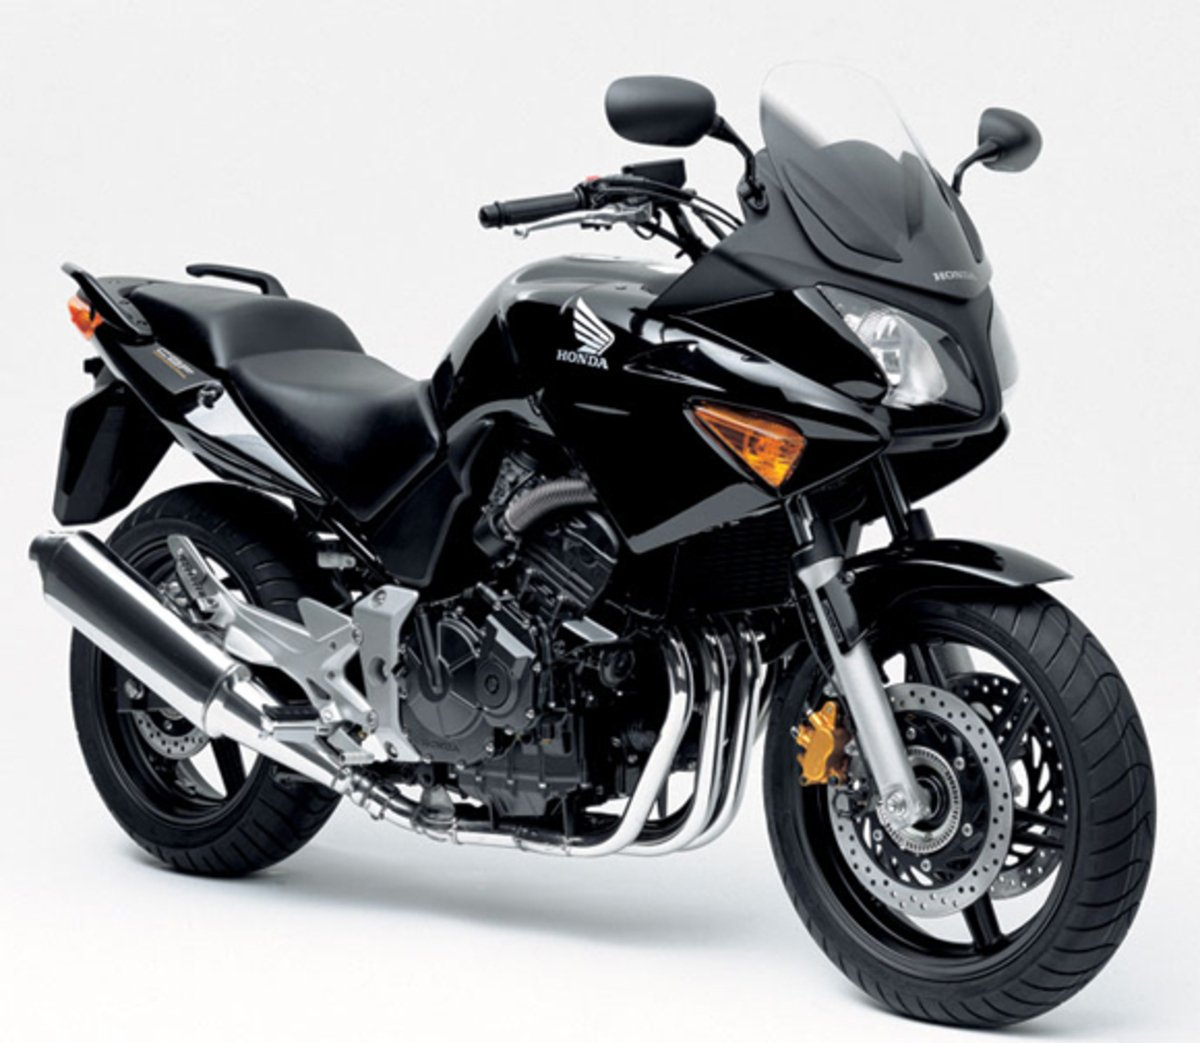 Honda CBF 600 S (2007 - 12), prezzo e scheda tecnica - Moto.it